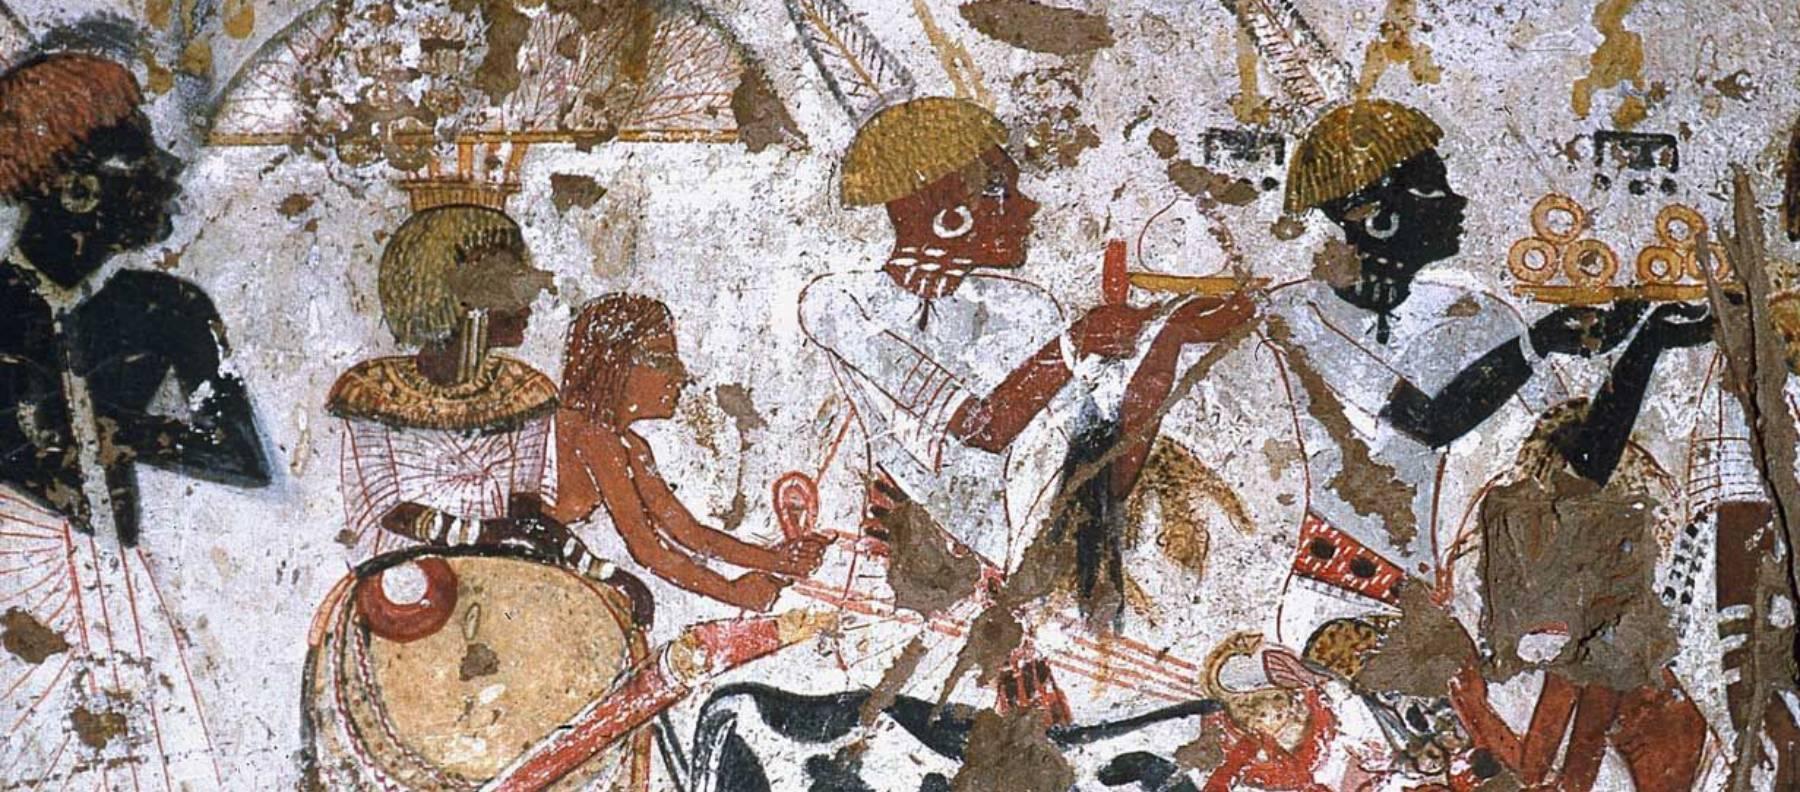 USヒップホップ界隈から探る古代エジプトの謎【3】